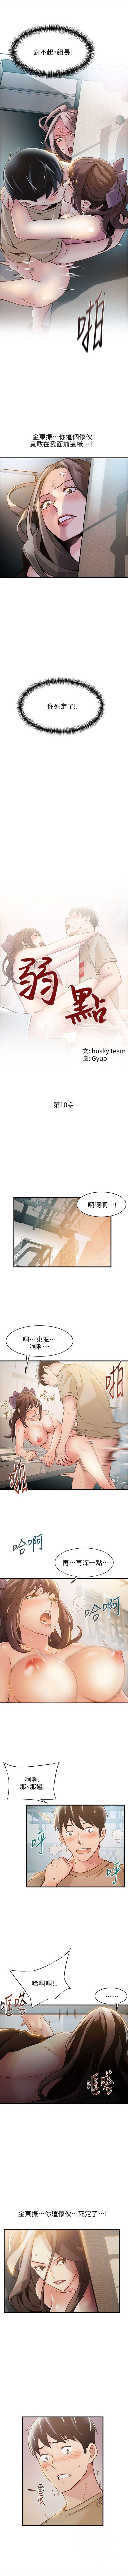 弱點 1-101 官方中文(連載中) 60